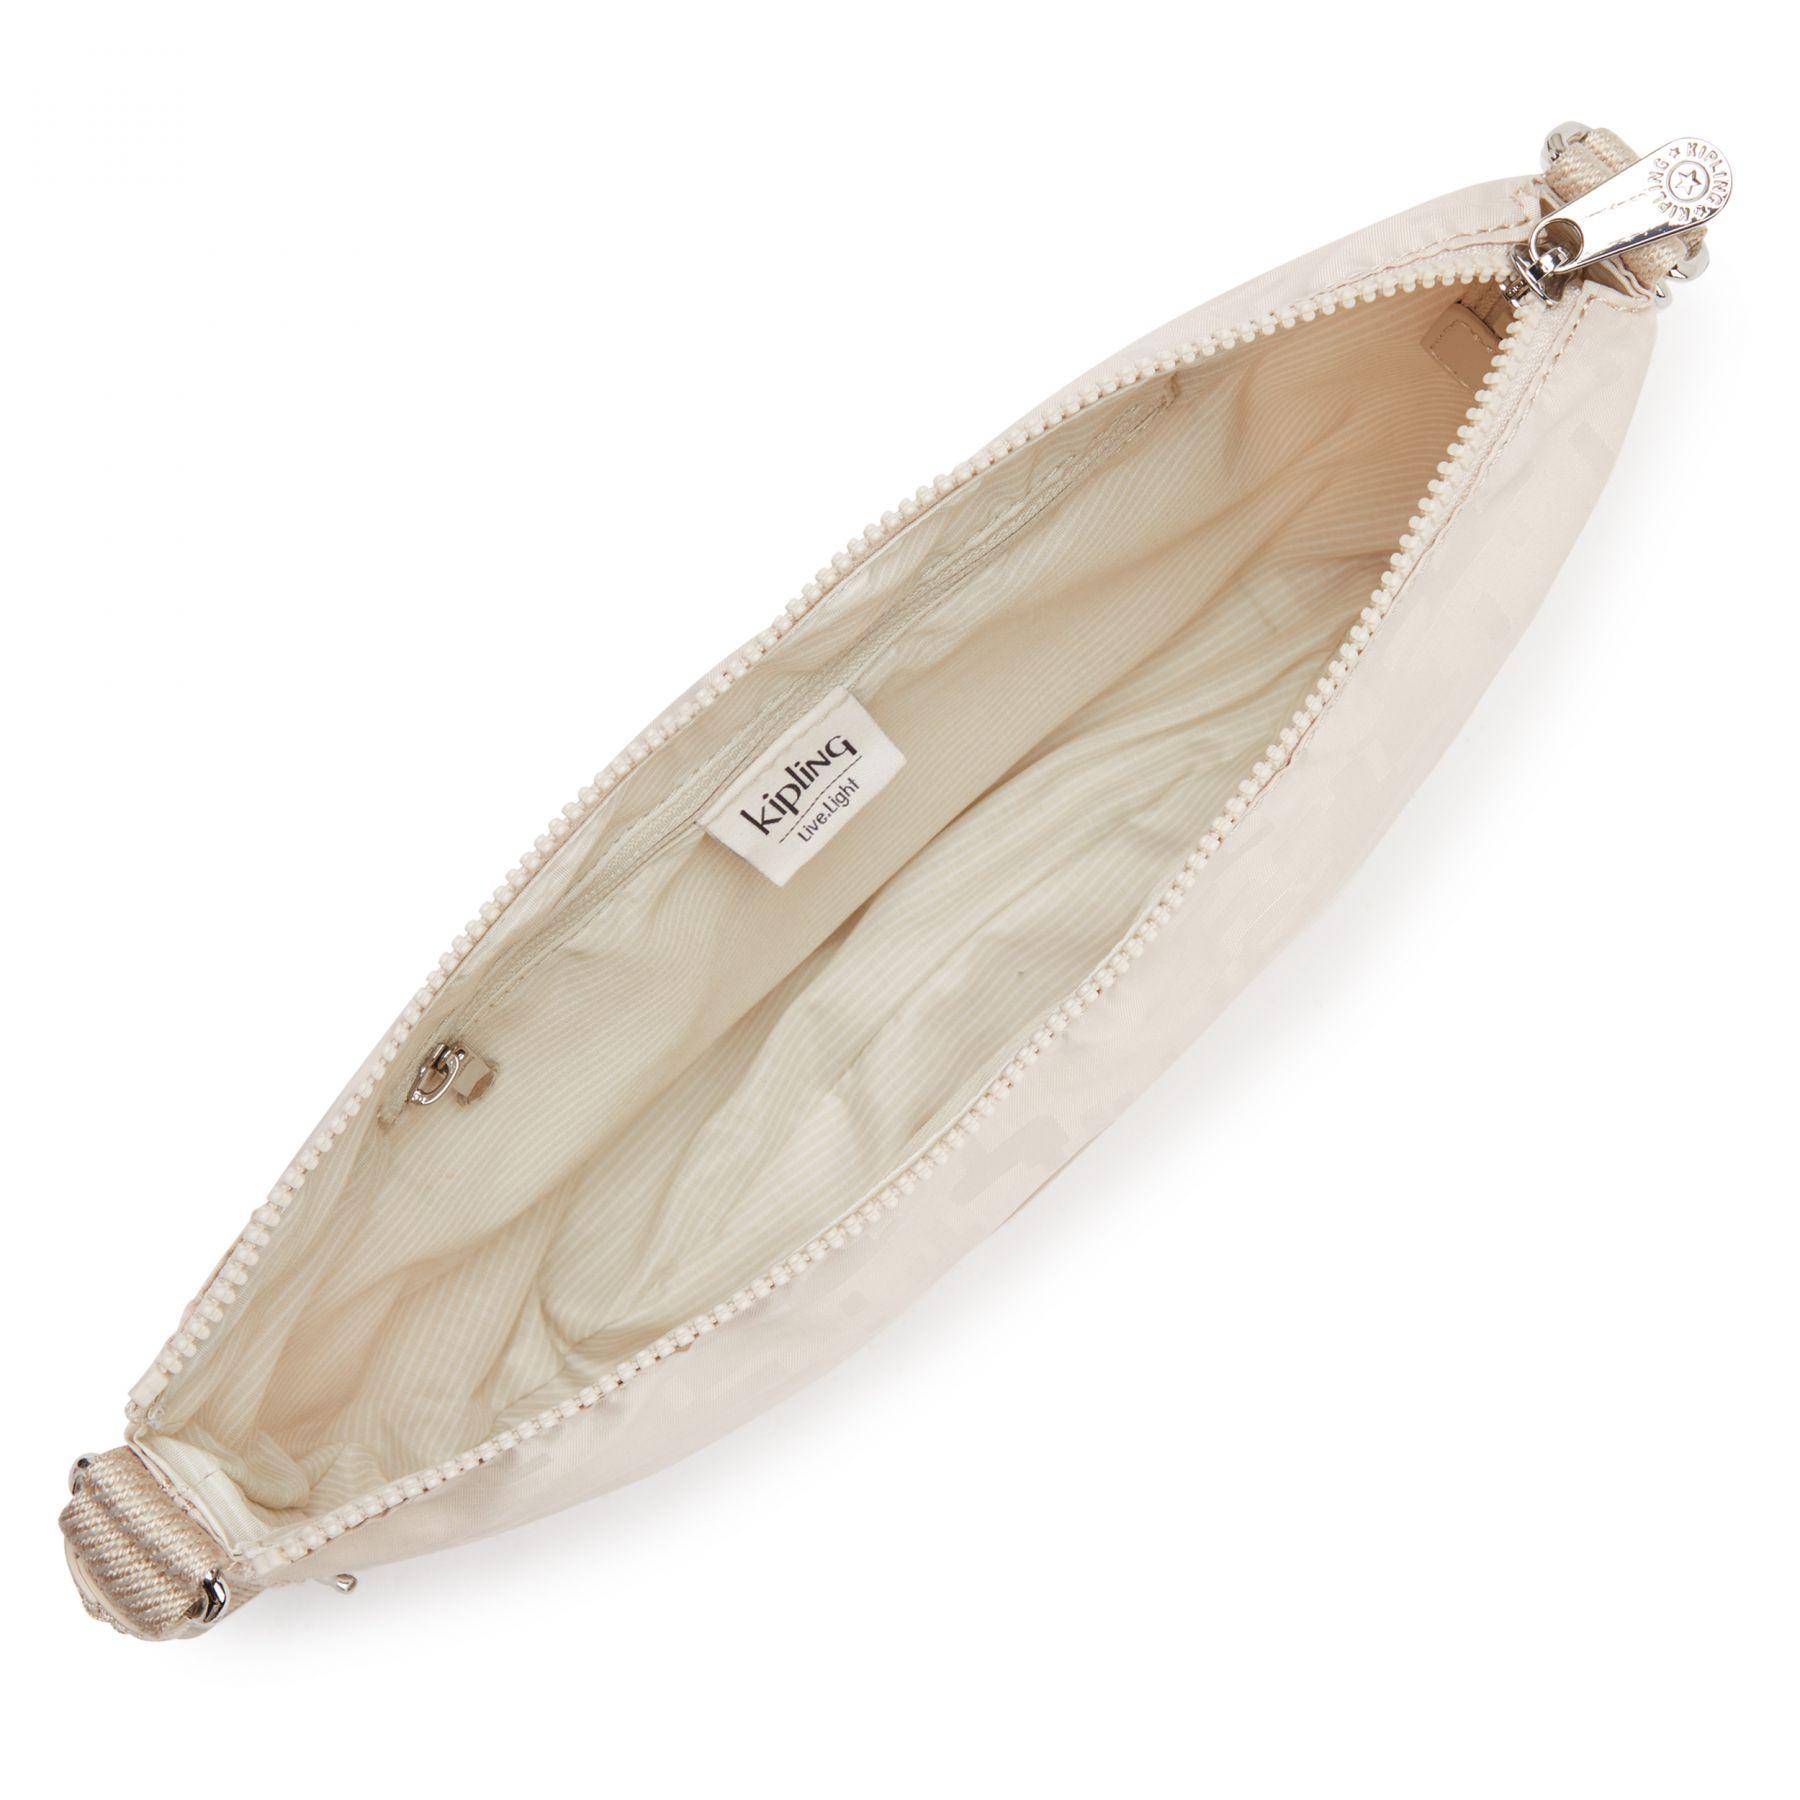 EMELIA BAGS by Kipling